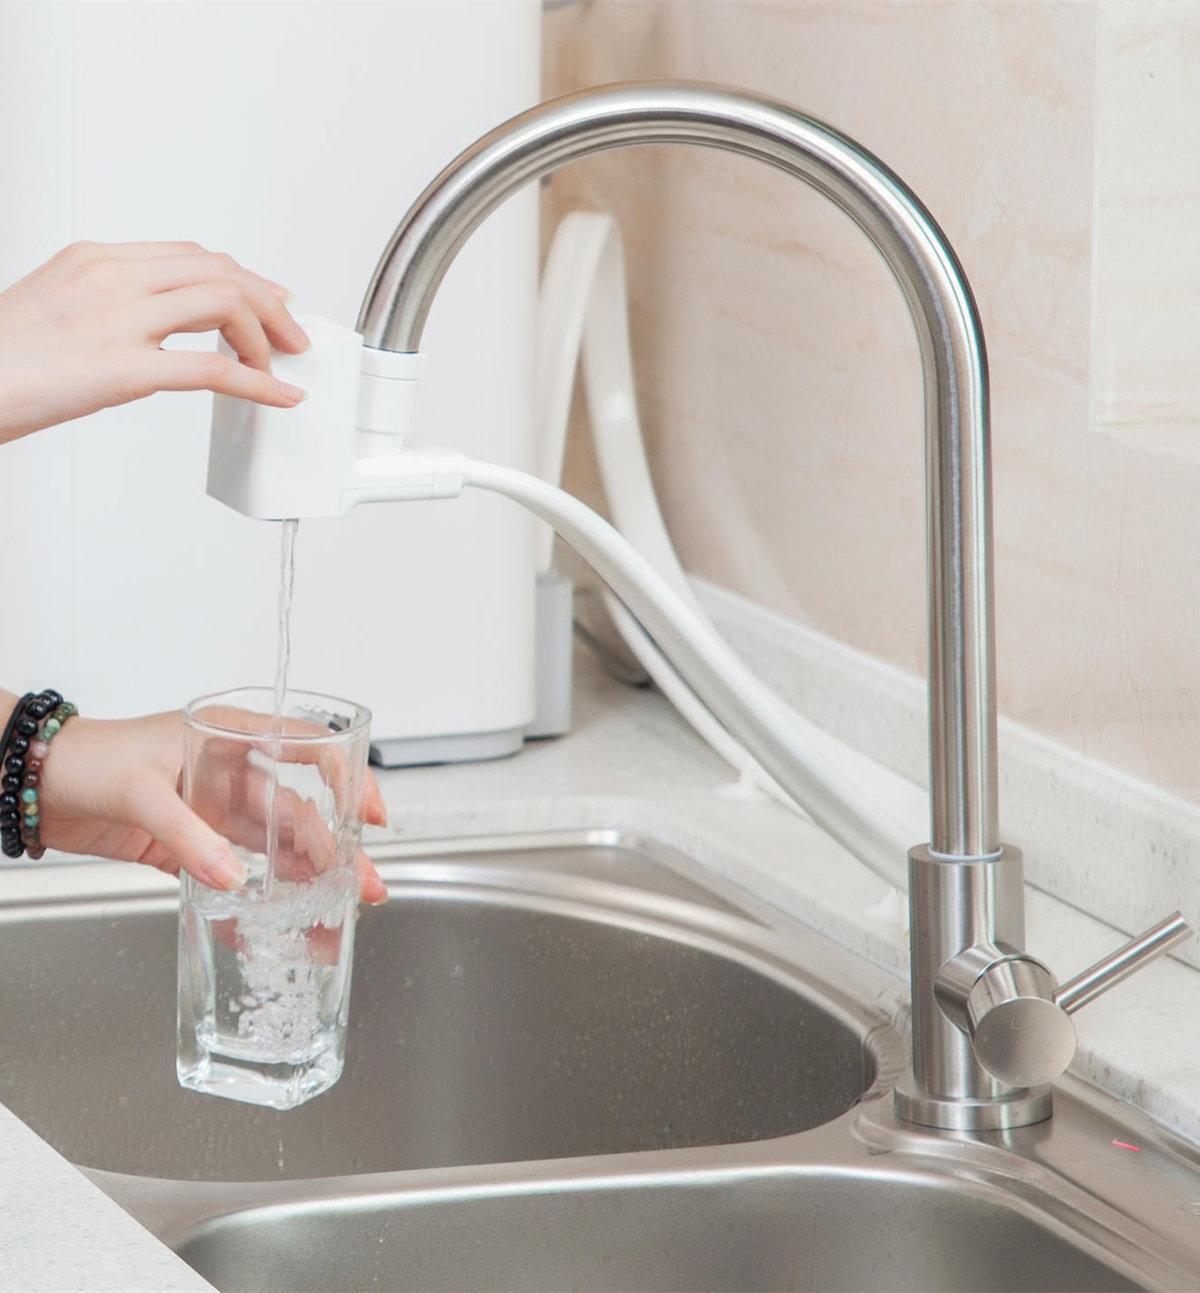 从安装到试喝:1999元小米厨下式净水器体验评测的照片 - 54